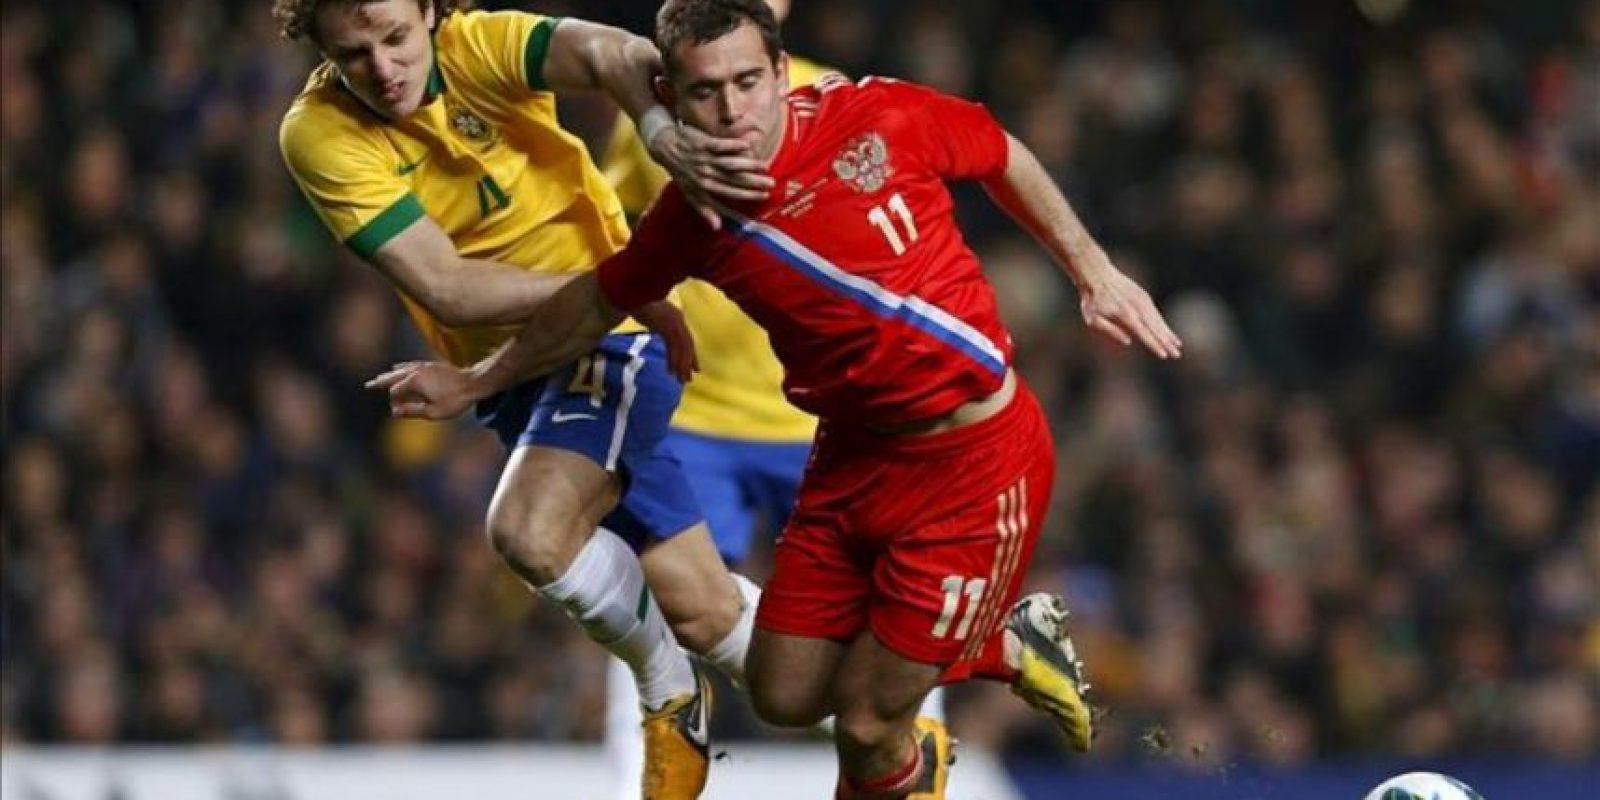 El jugador de Brasil, David Luiz, disputa el balón con Aleksandr Kerzhakov (d) de Rusia, durante el juego amistoso entre las dos selecciones que se disputa en el Stamford Bridge de Londres (R. Unido). EFE